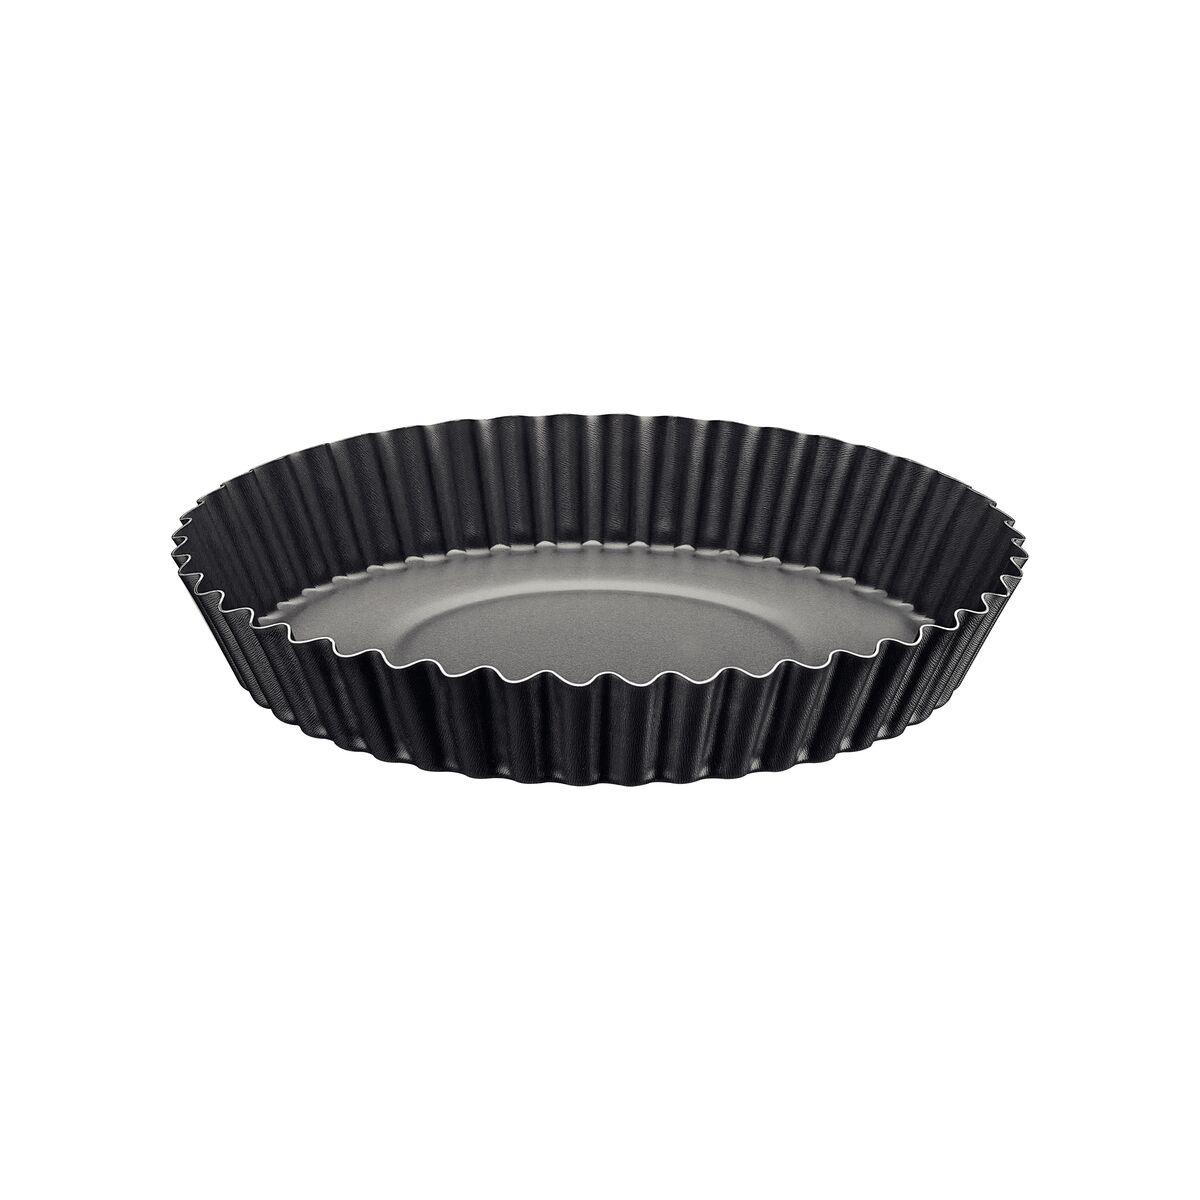 Tortera acanalada en aluminio con revestimiento interno en antiadherente Ø24cm